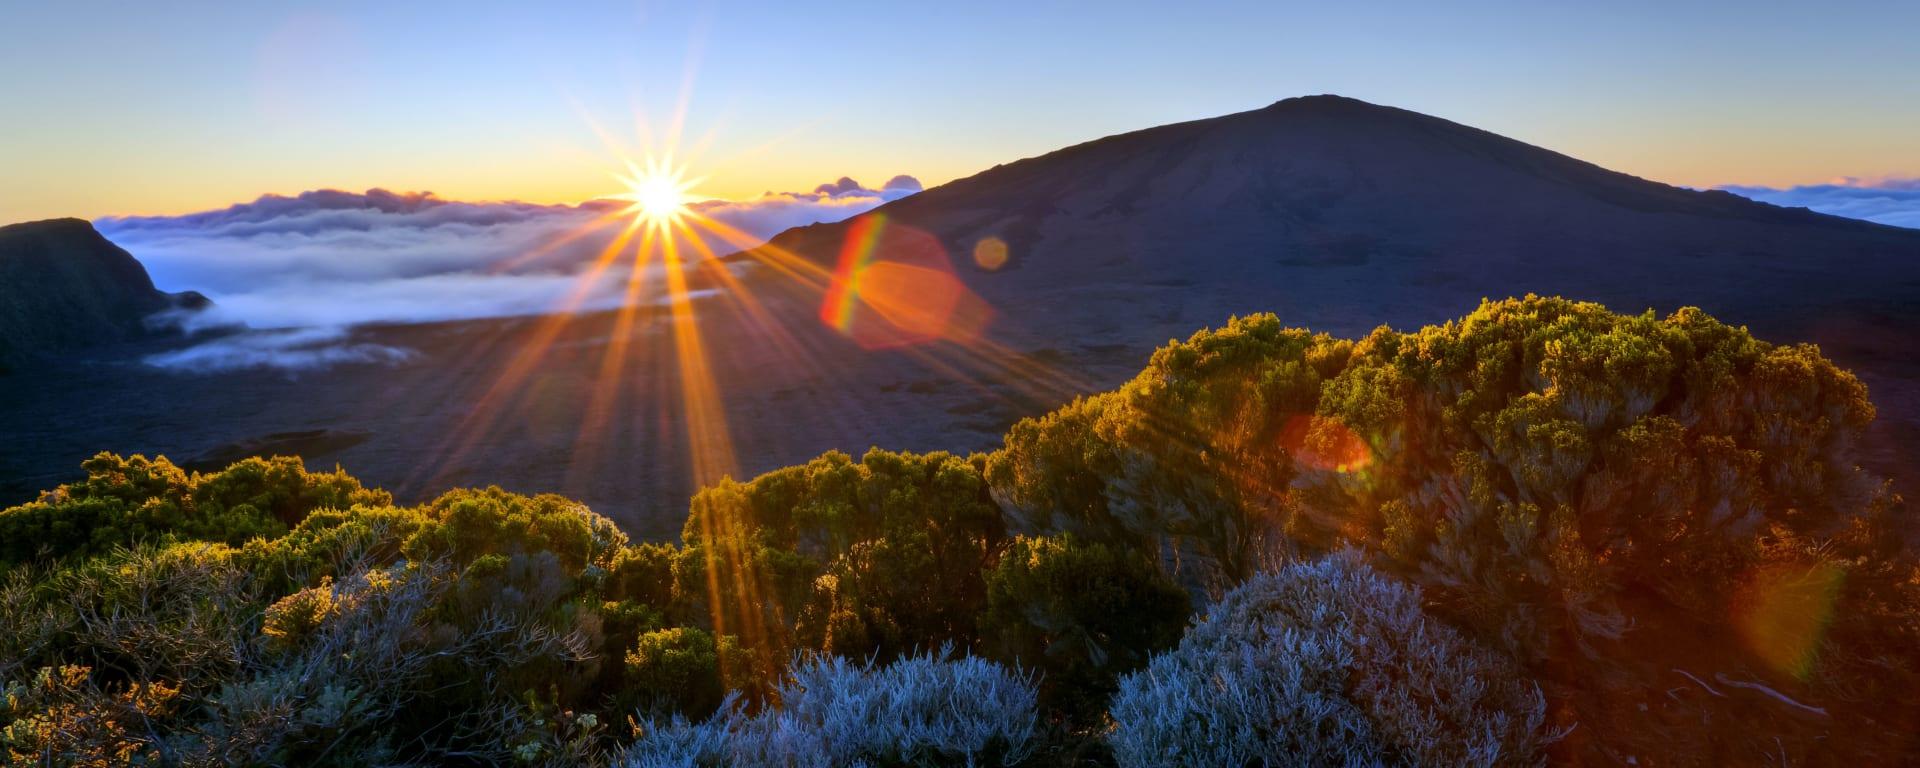 Réunion entdecken mit Tischler Reisen: Reunion Vulkan Piton des la Fournaise